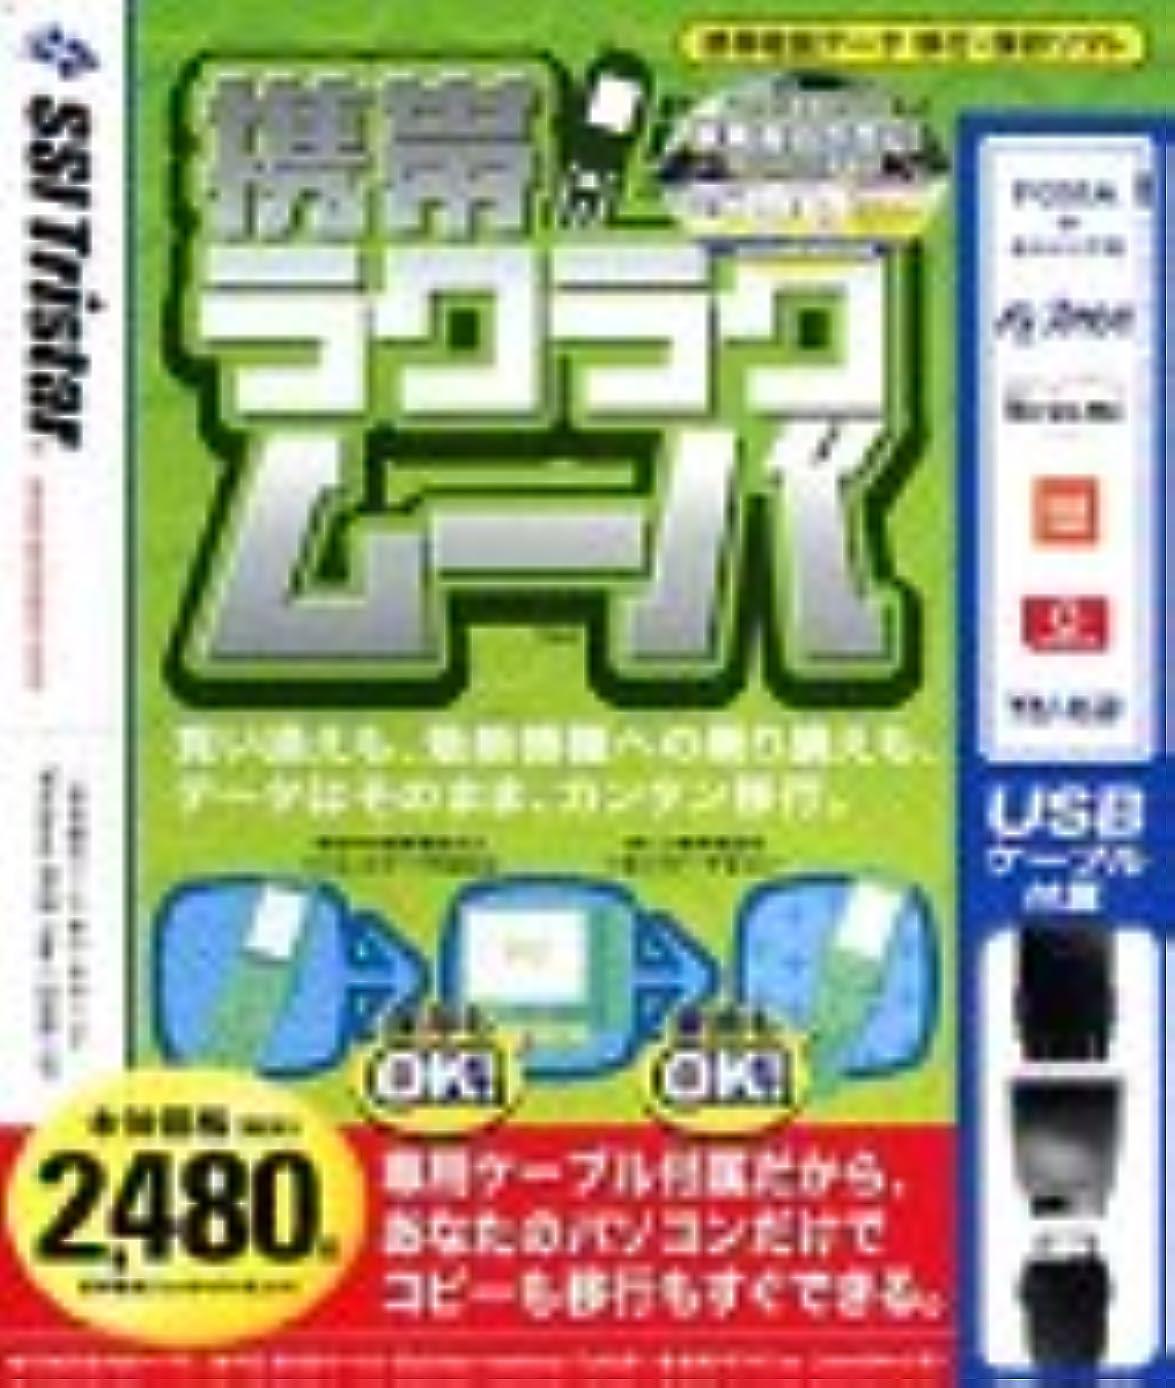 リンスブロックする家携帯ラクラクムーバ FOMA + 全キャリア用 USBケーブル版